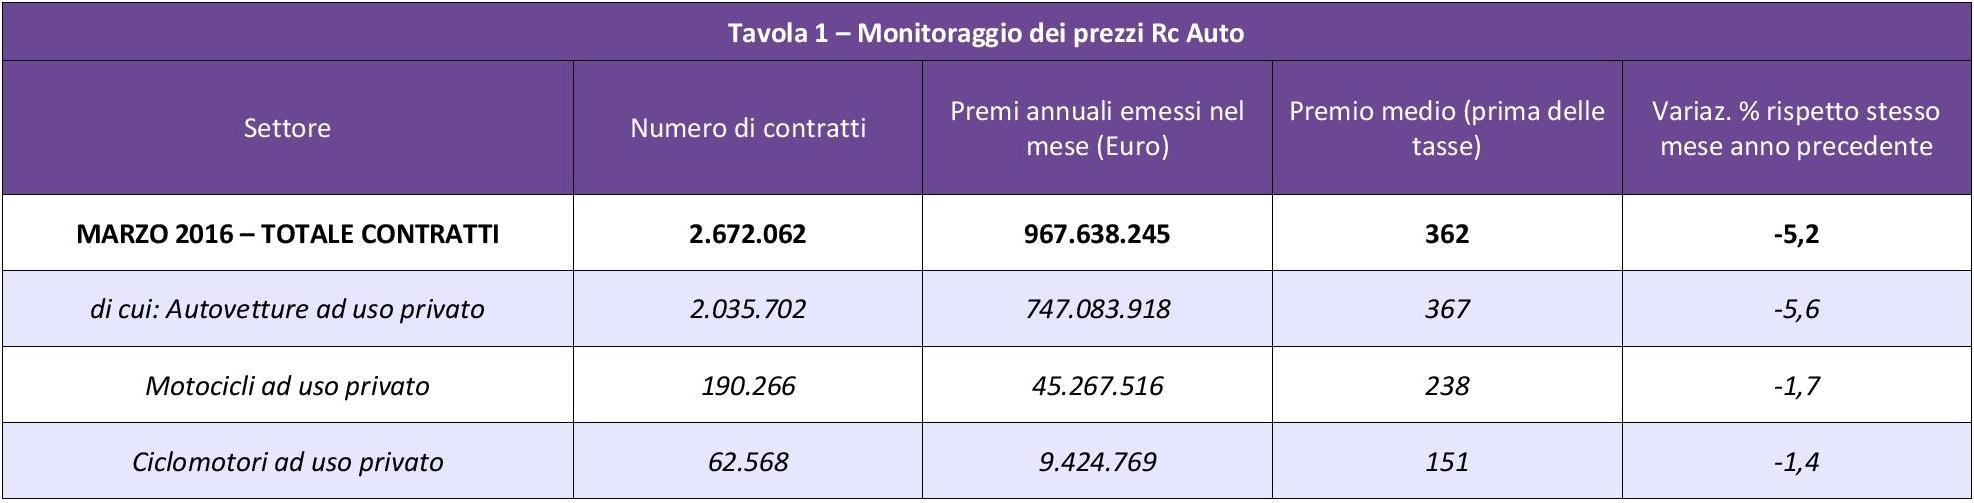 ANIA - Monitoraggio prezzi Rc Auto - Marzo 2016 IMC